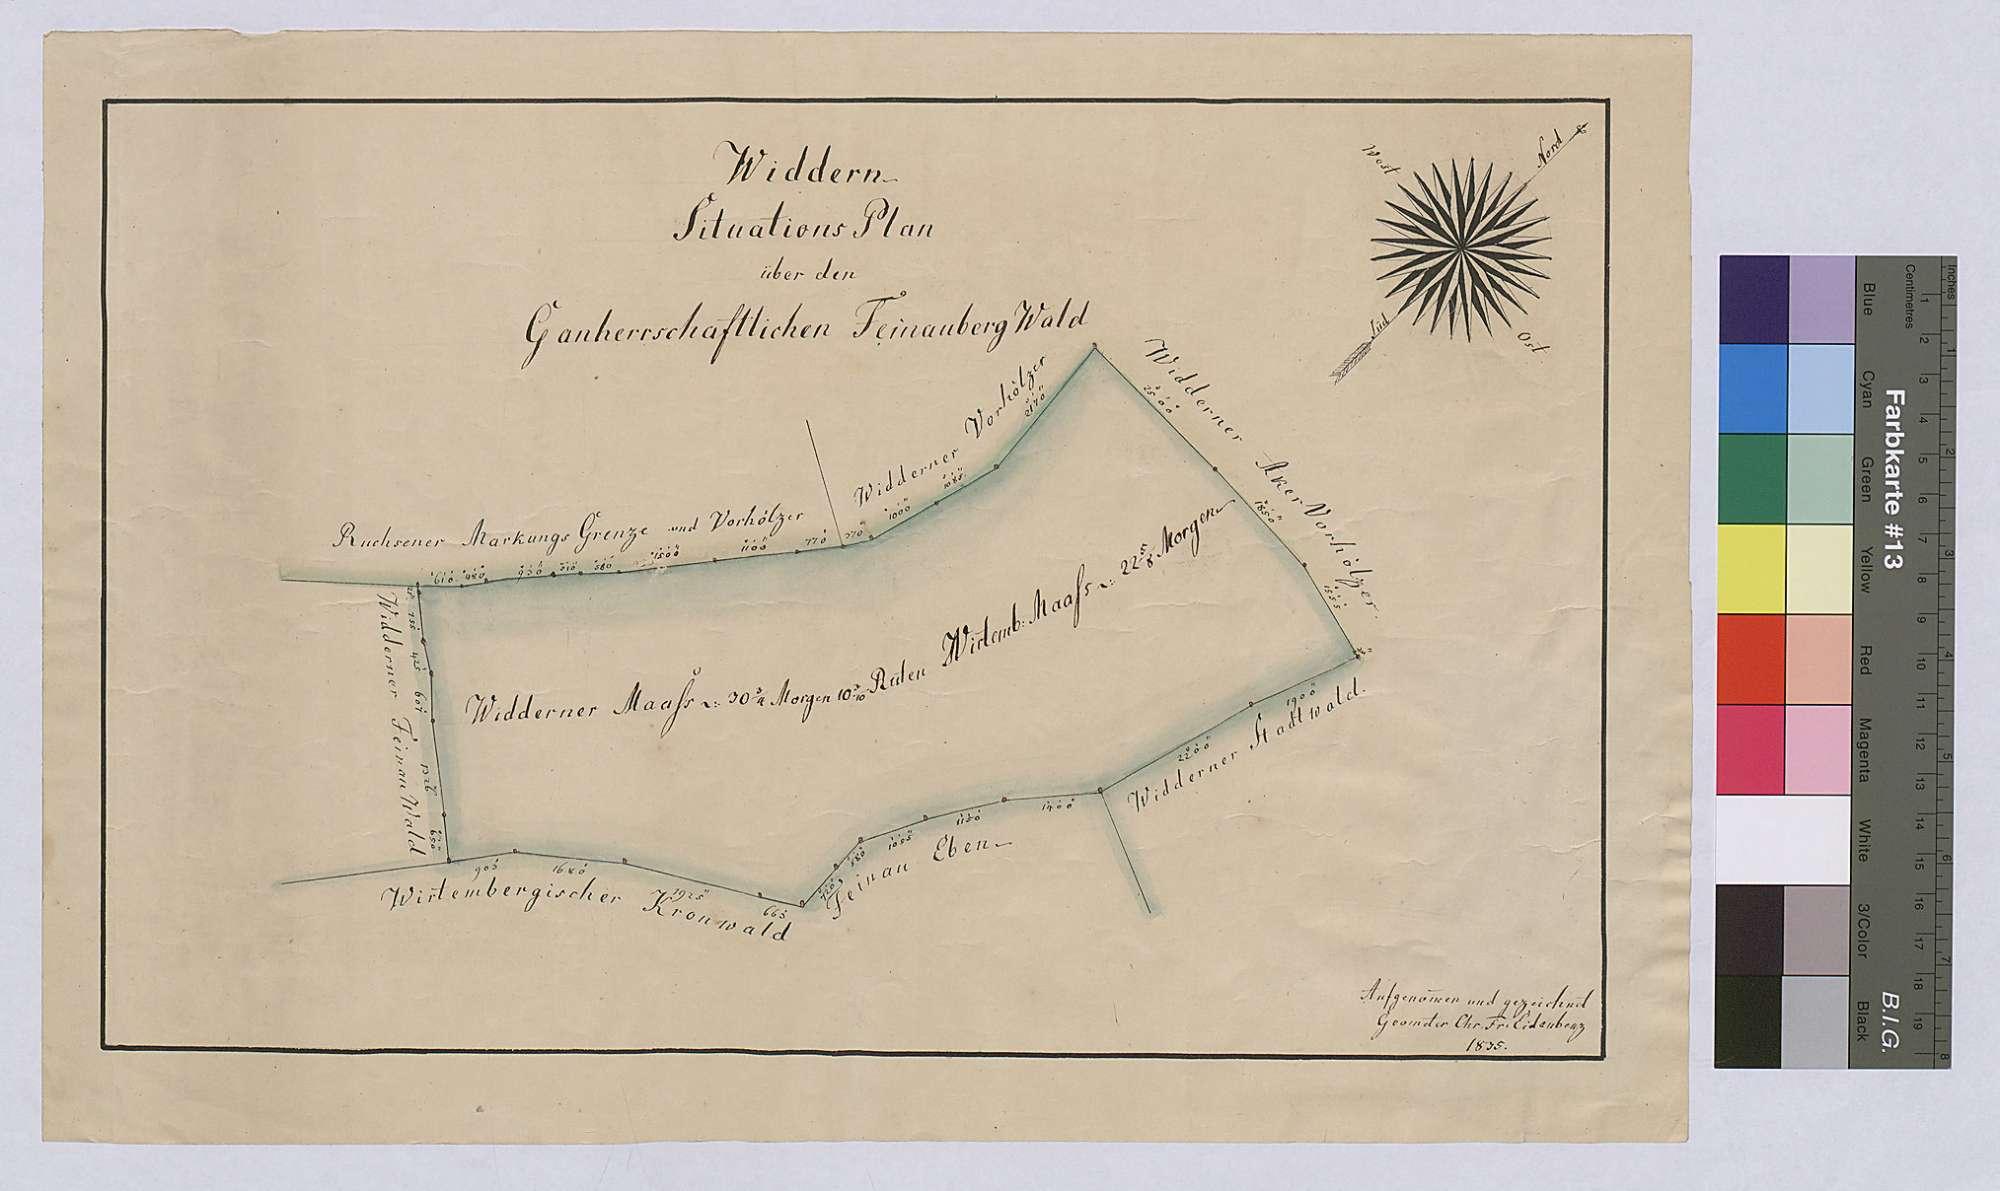 Widdern: Situationsplan über den ganherrschaftlichen Feinaubergwald (Inselkarte), Bild 1